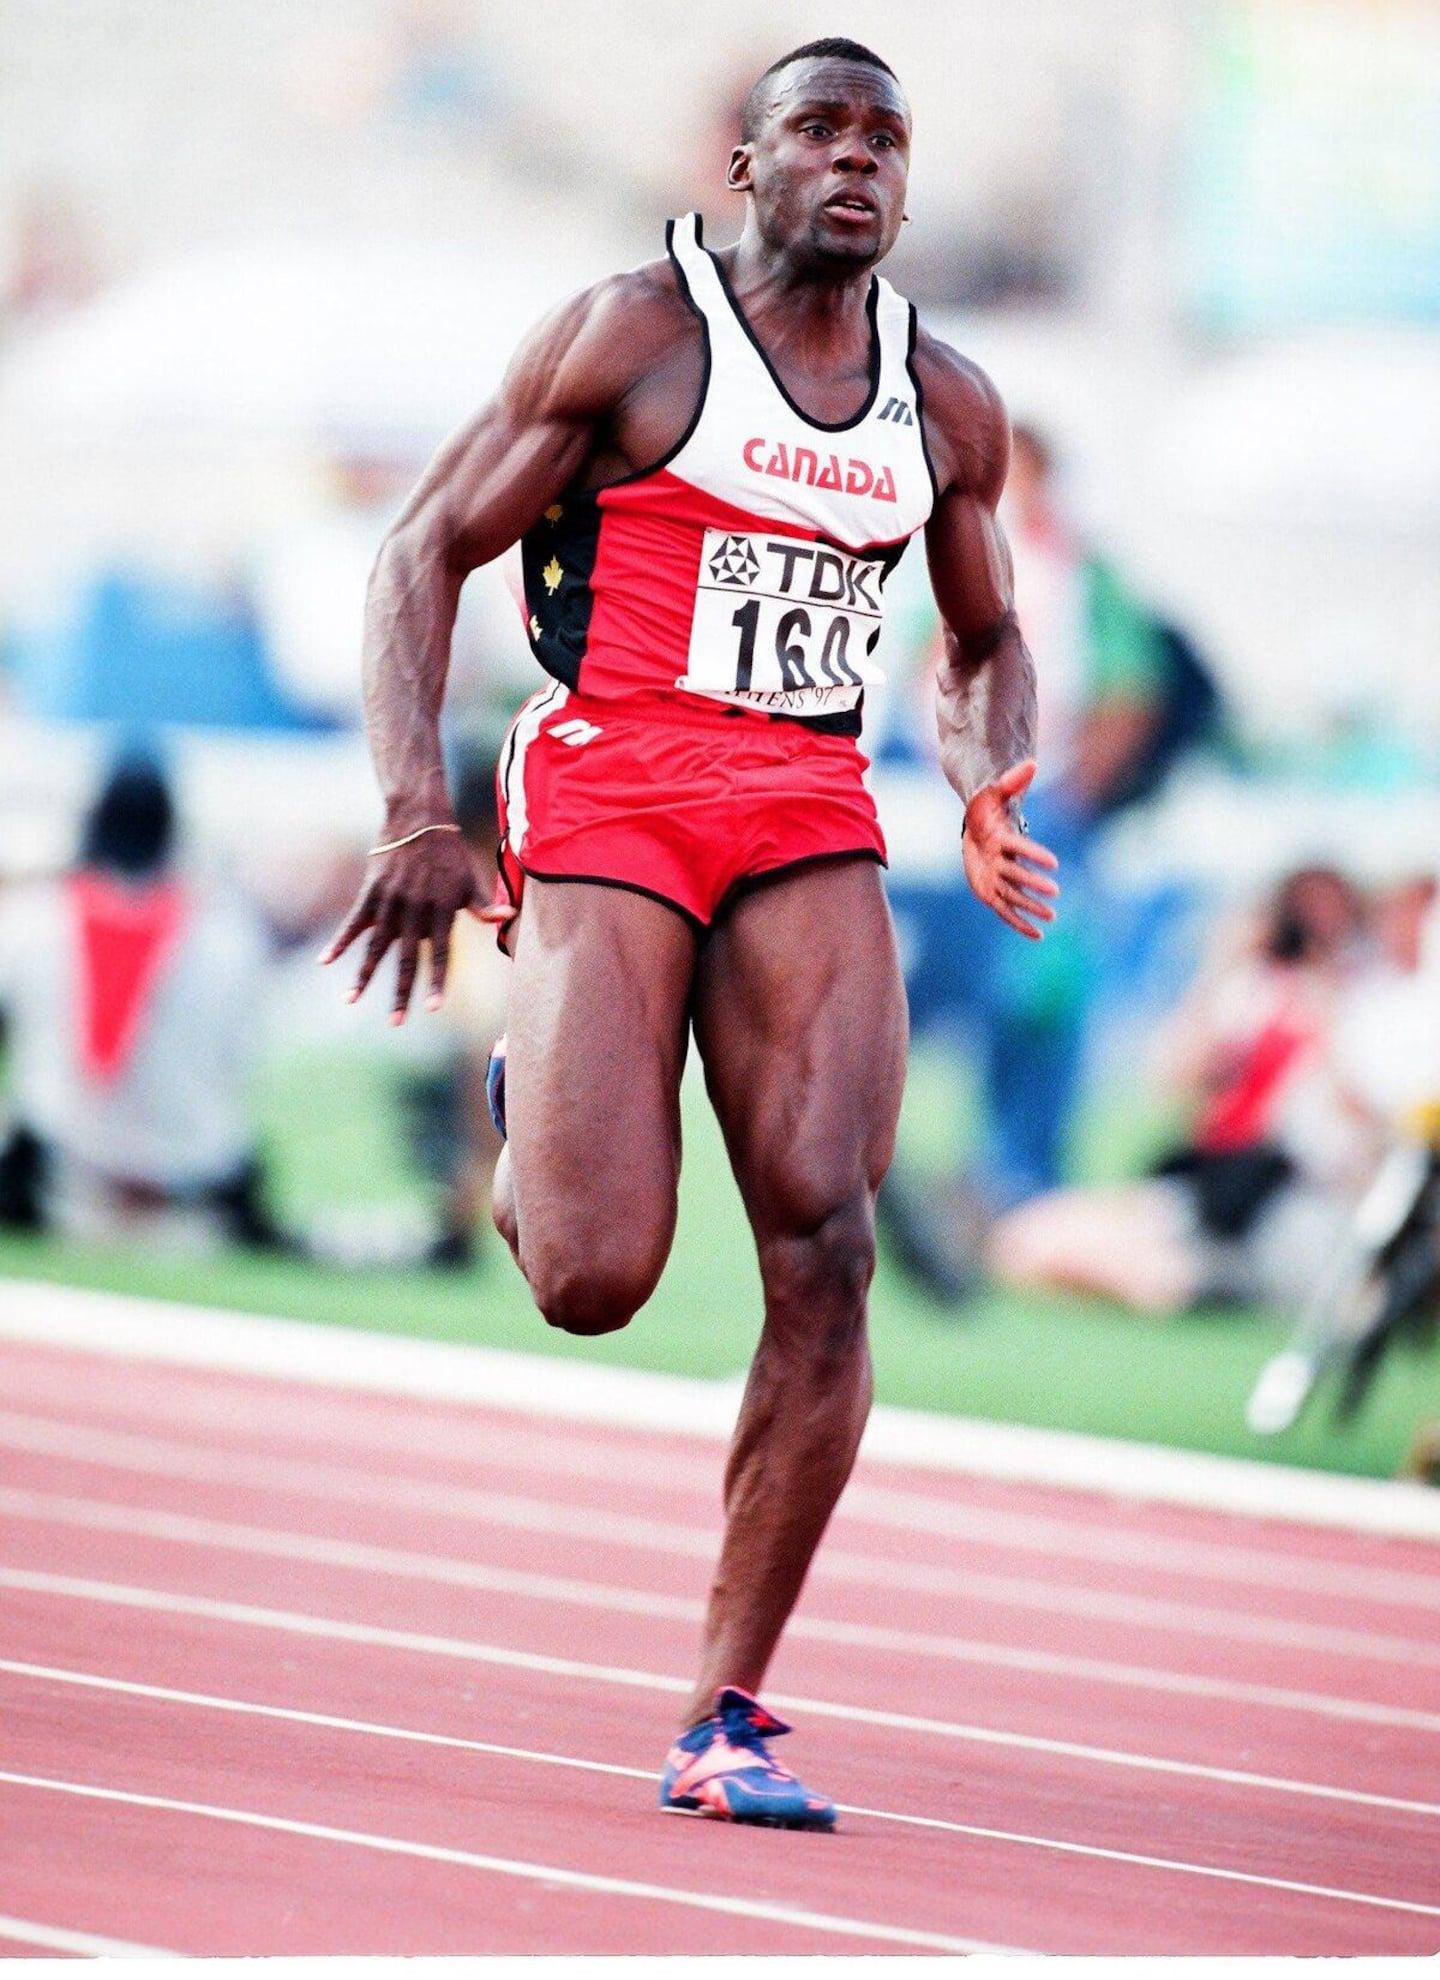 Jeux olympiques: il y a 25 ans, Bruny Surin remportait l'or au relais